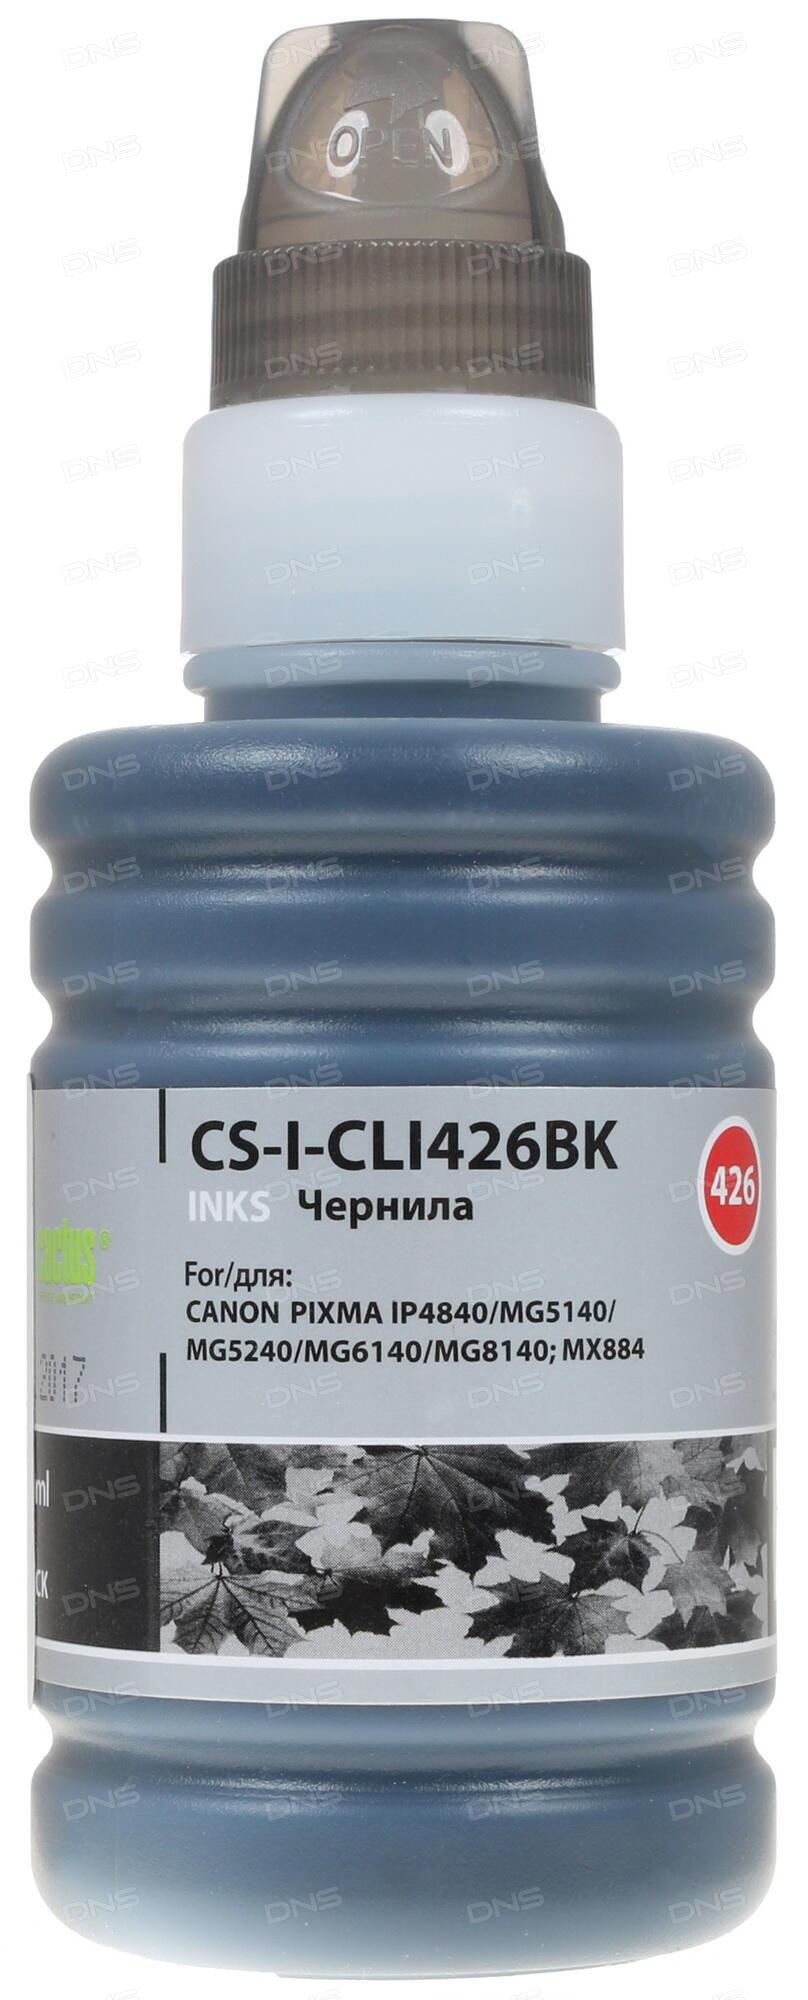 Чернила Cactus CS-I-CLI521BK для CANON PIXMA MP540/ MP550/ MP620/ MP630/ MP640 100мл черный